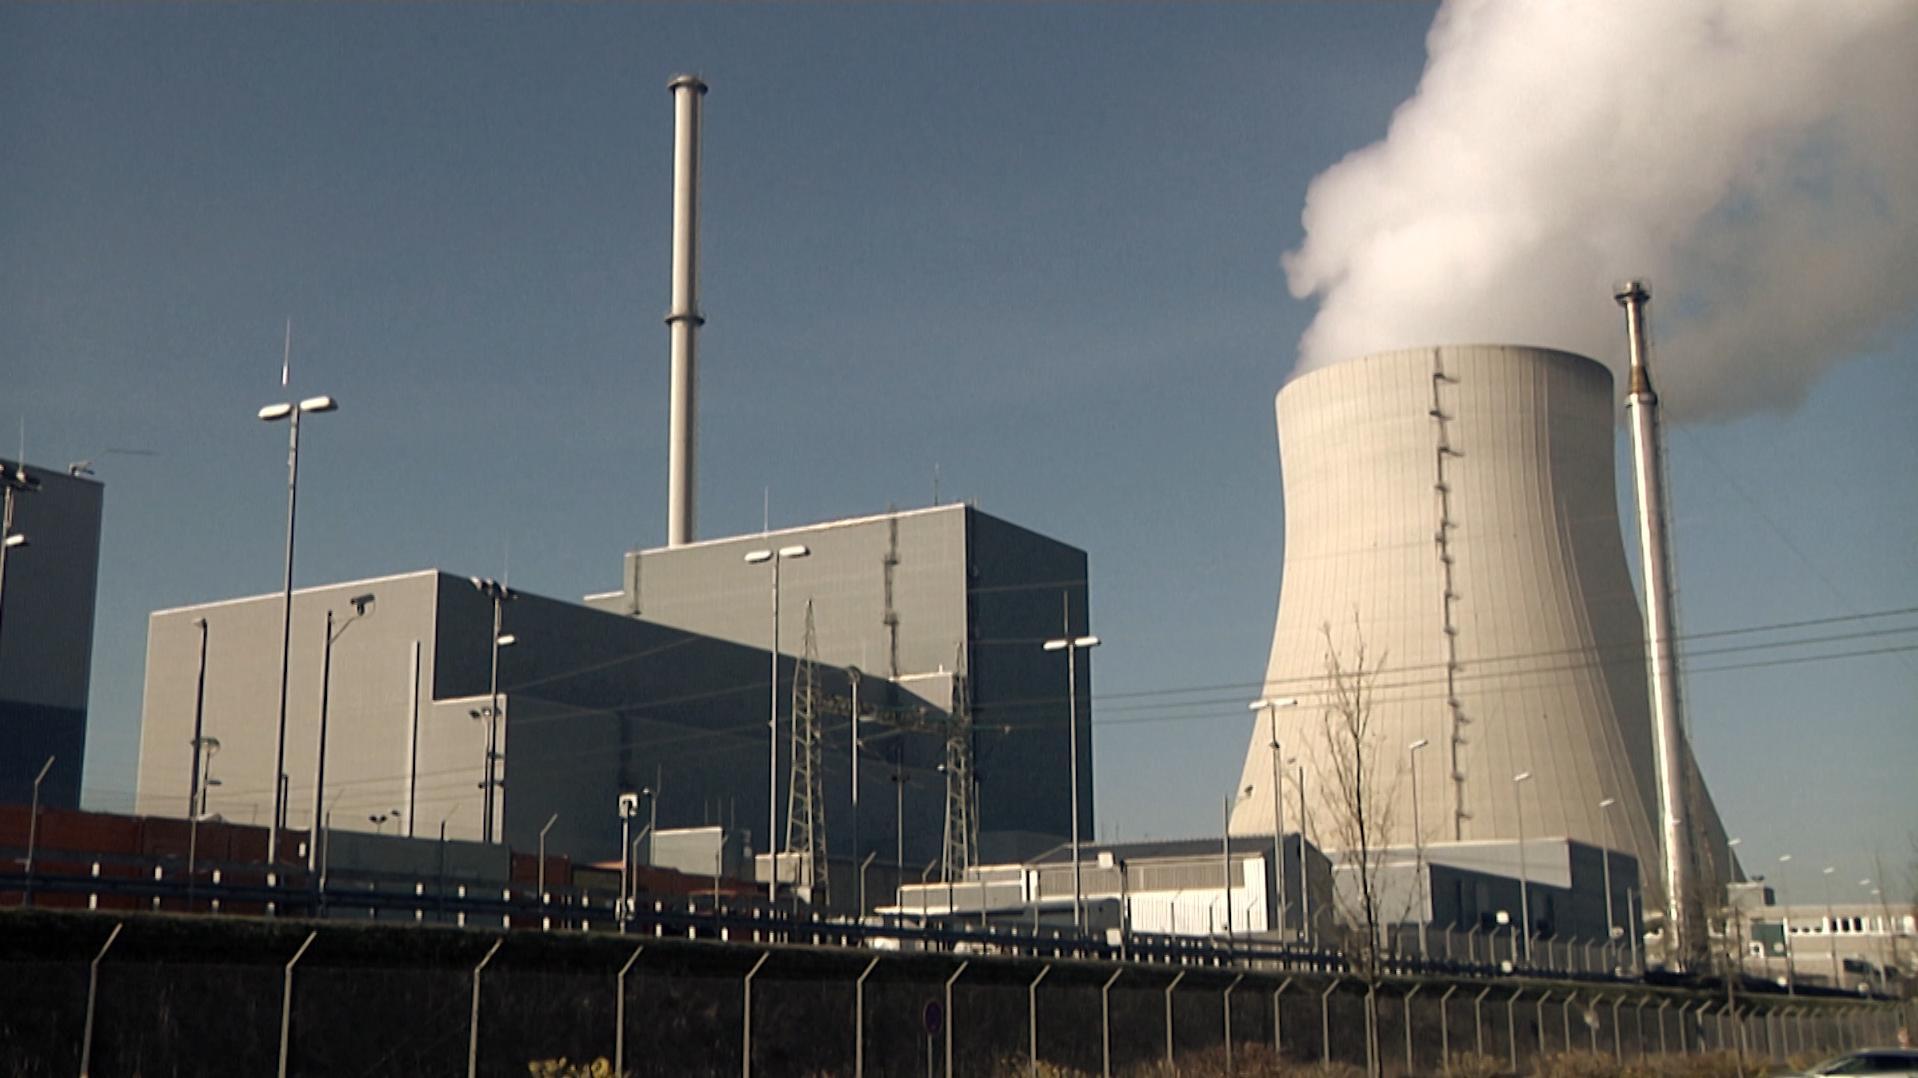 Atomkraftwerk Isar 1 von außen